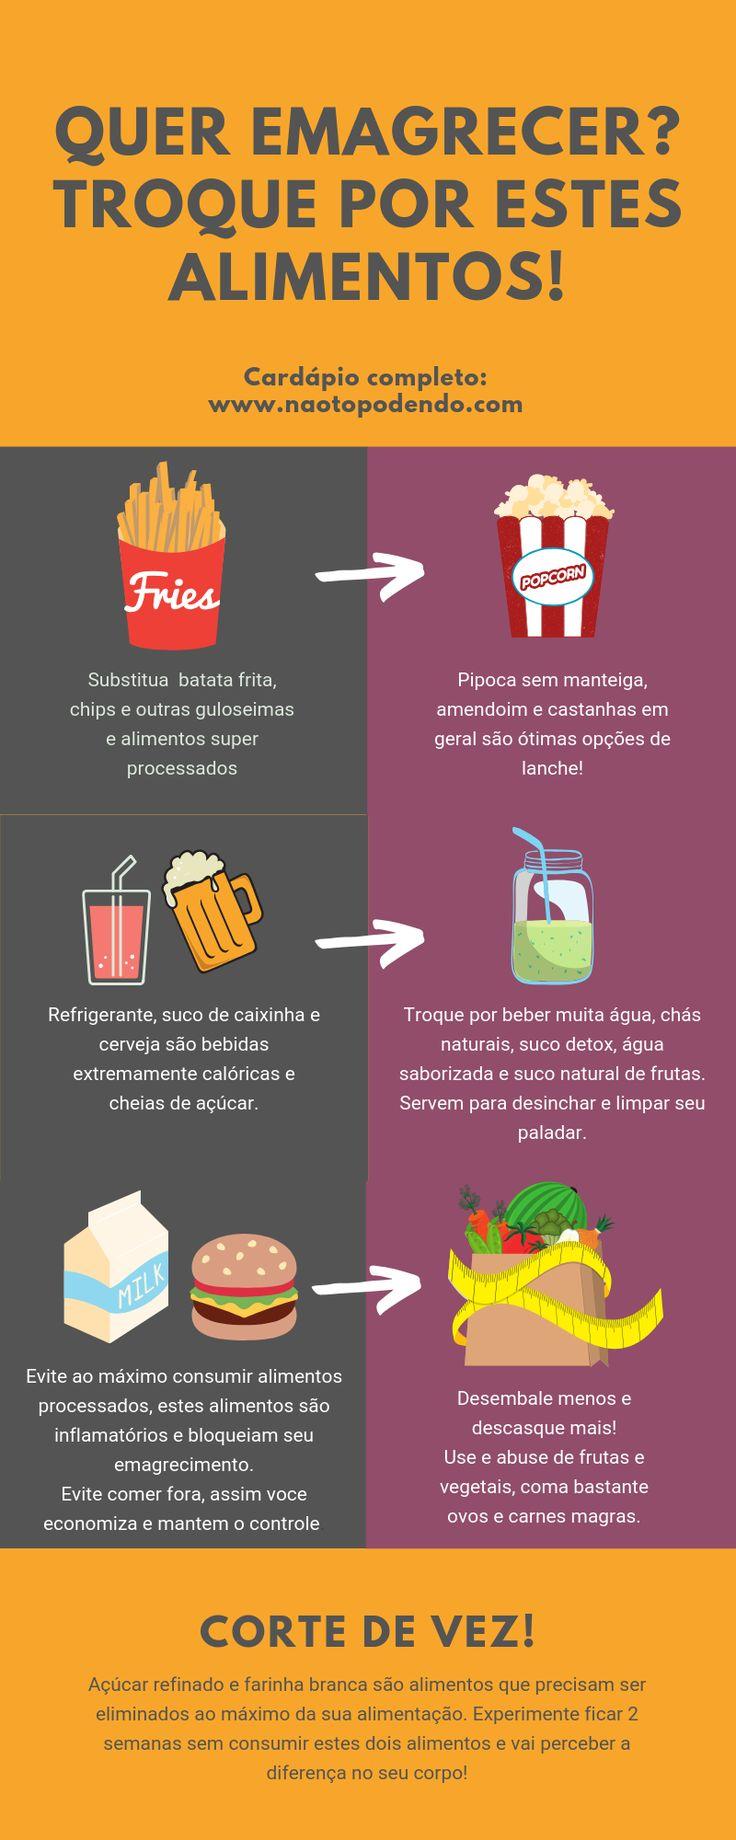 Descubra como perder peso e emagrecer rápido apenas trocando os alimentos! Leia…